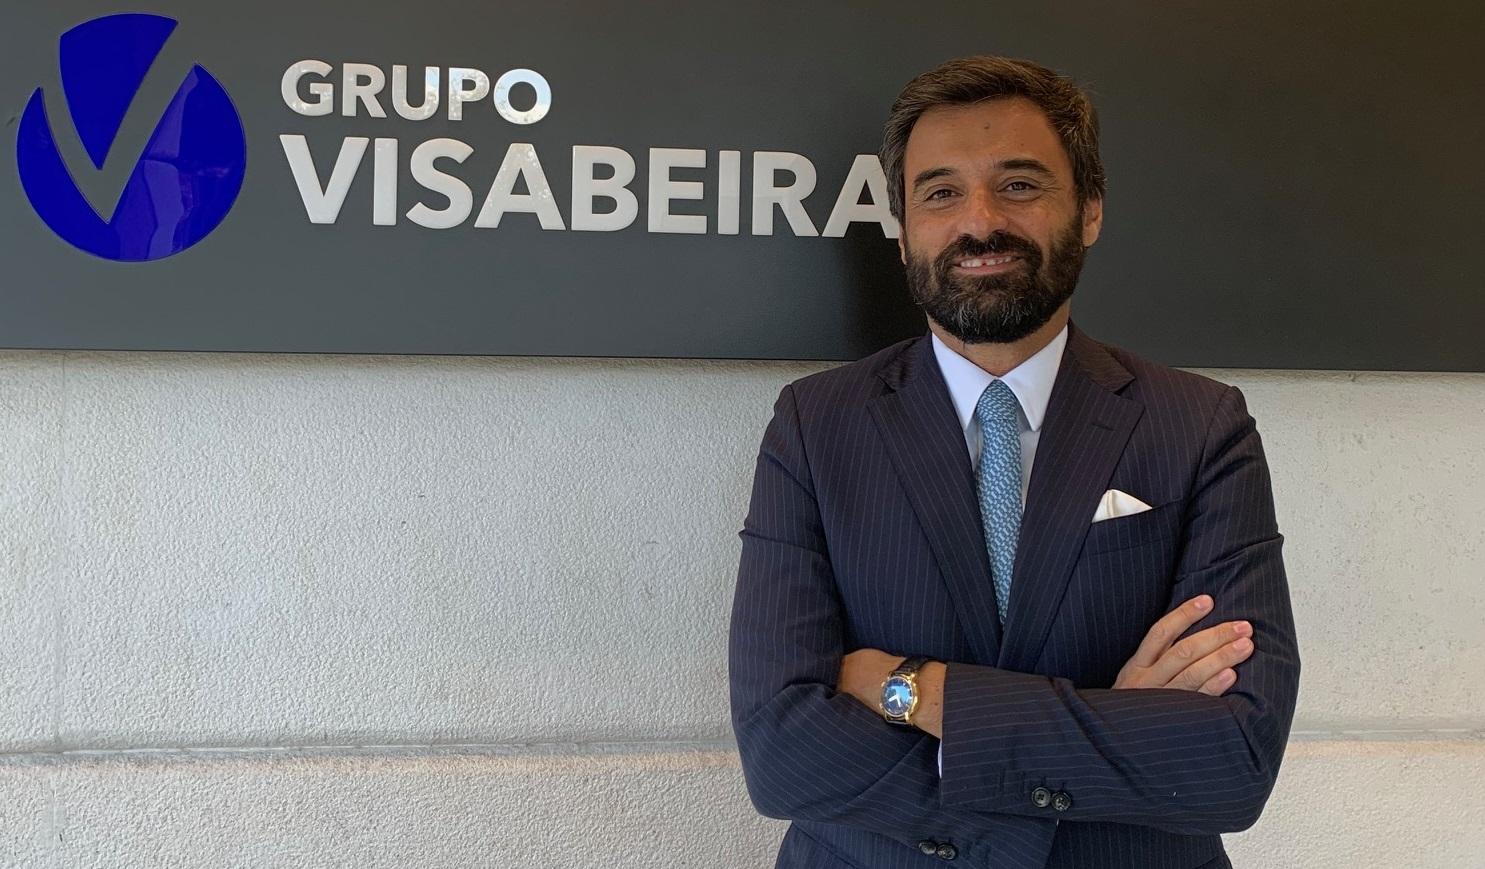 Jorge Costa, administrador da Visabeira Turismo, Imobiliária e Serviços / Visabeira